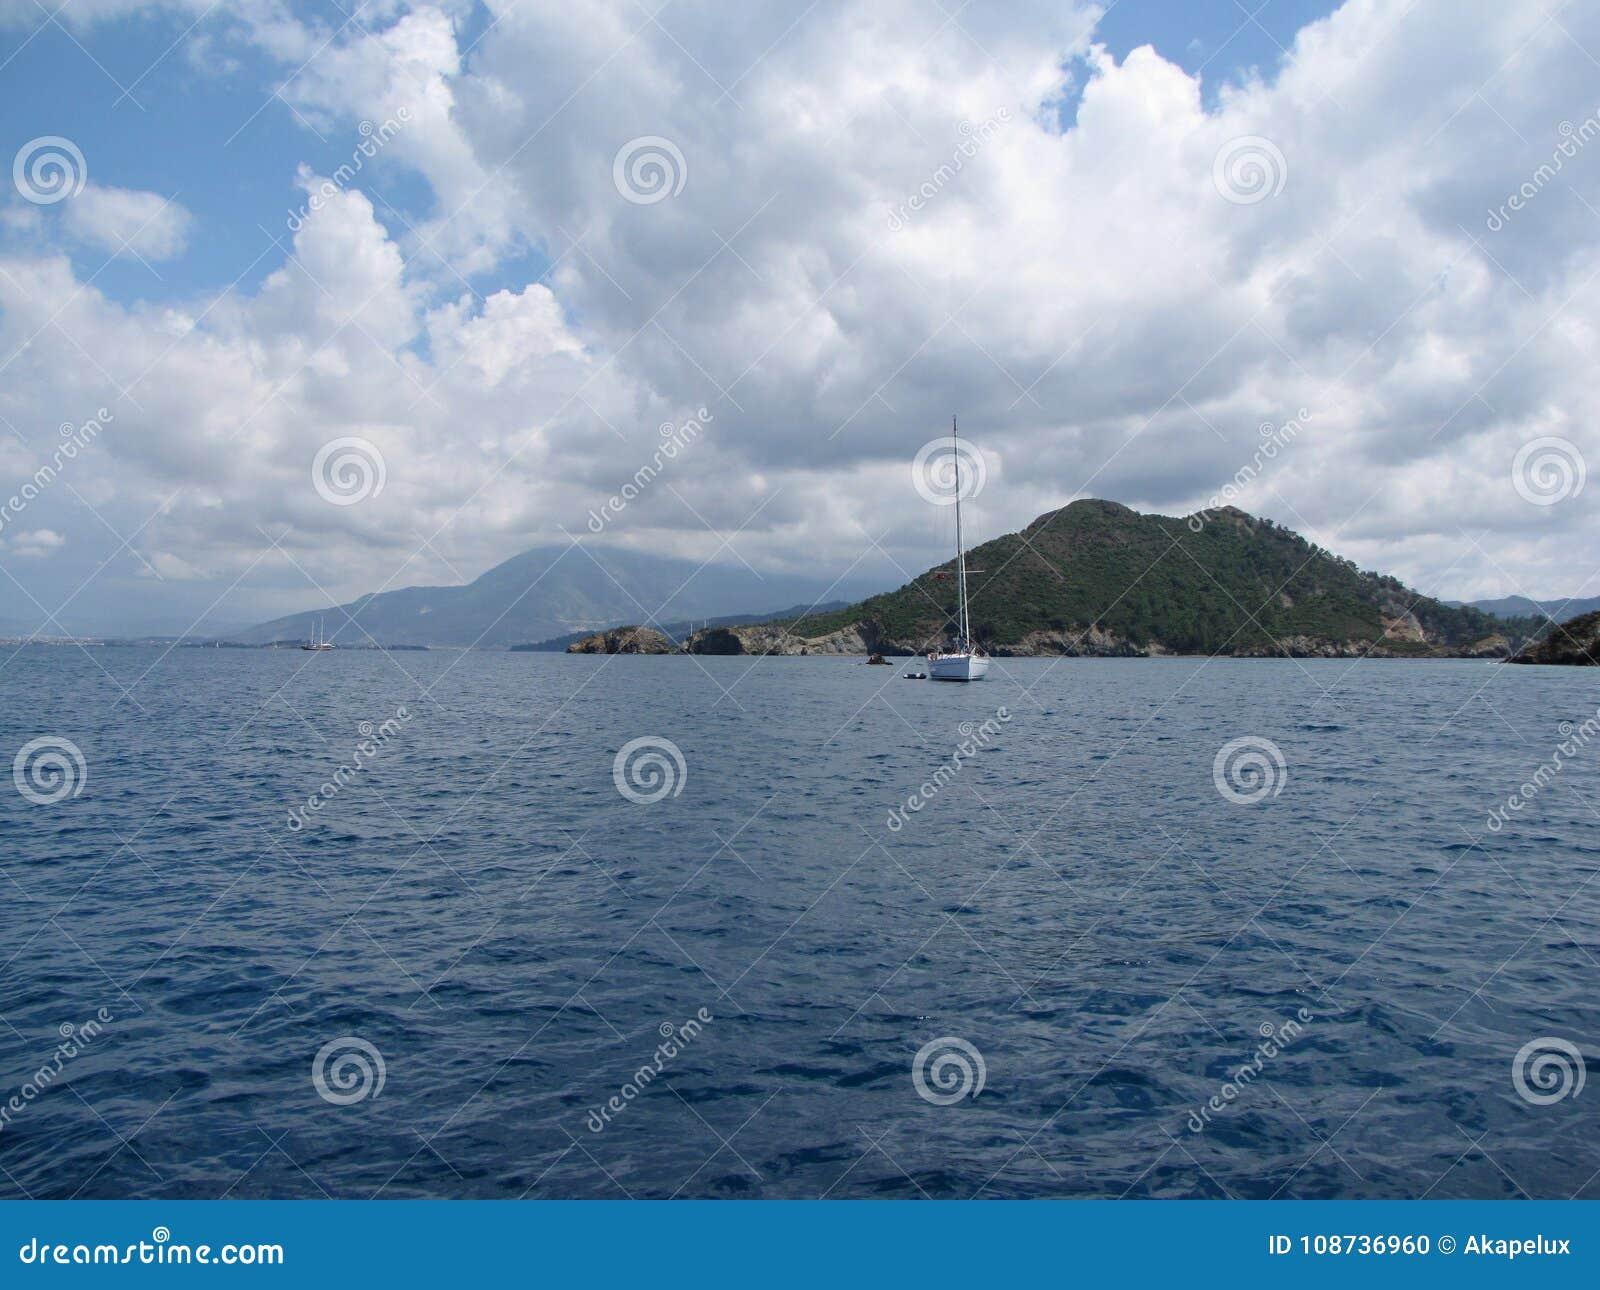 Europa Región mediterránea MAR ADRIÁTICO Croacia dalmatia Navegación entre las islas Estación 2015 de la navegación